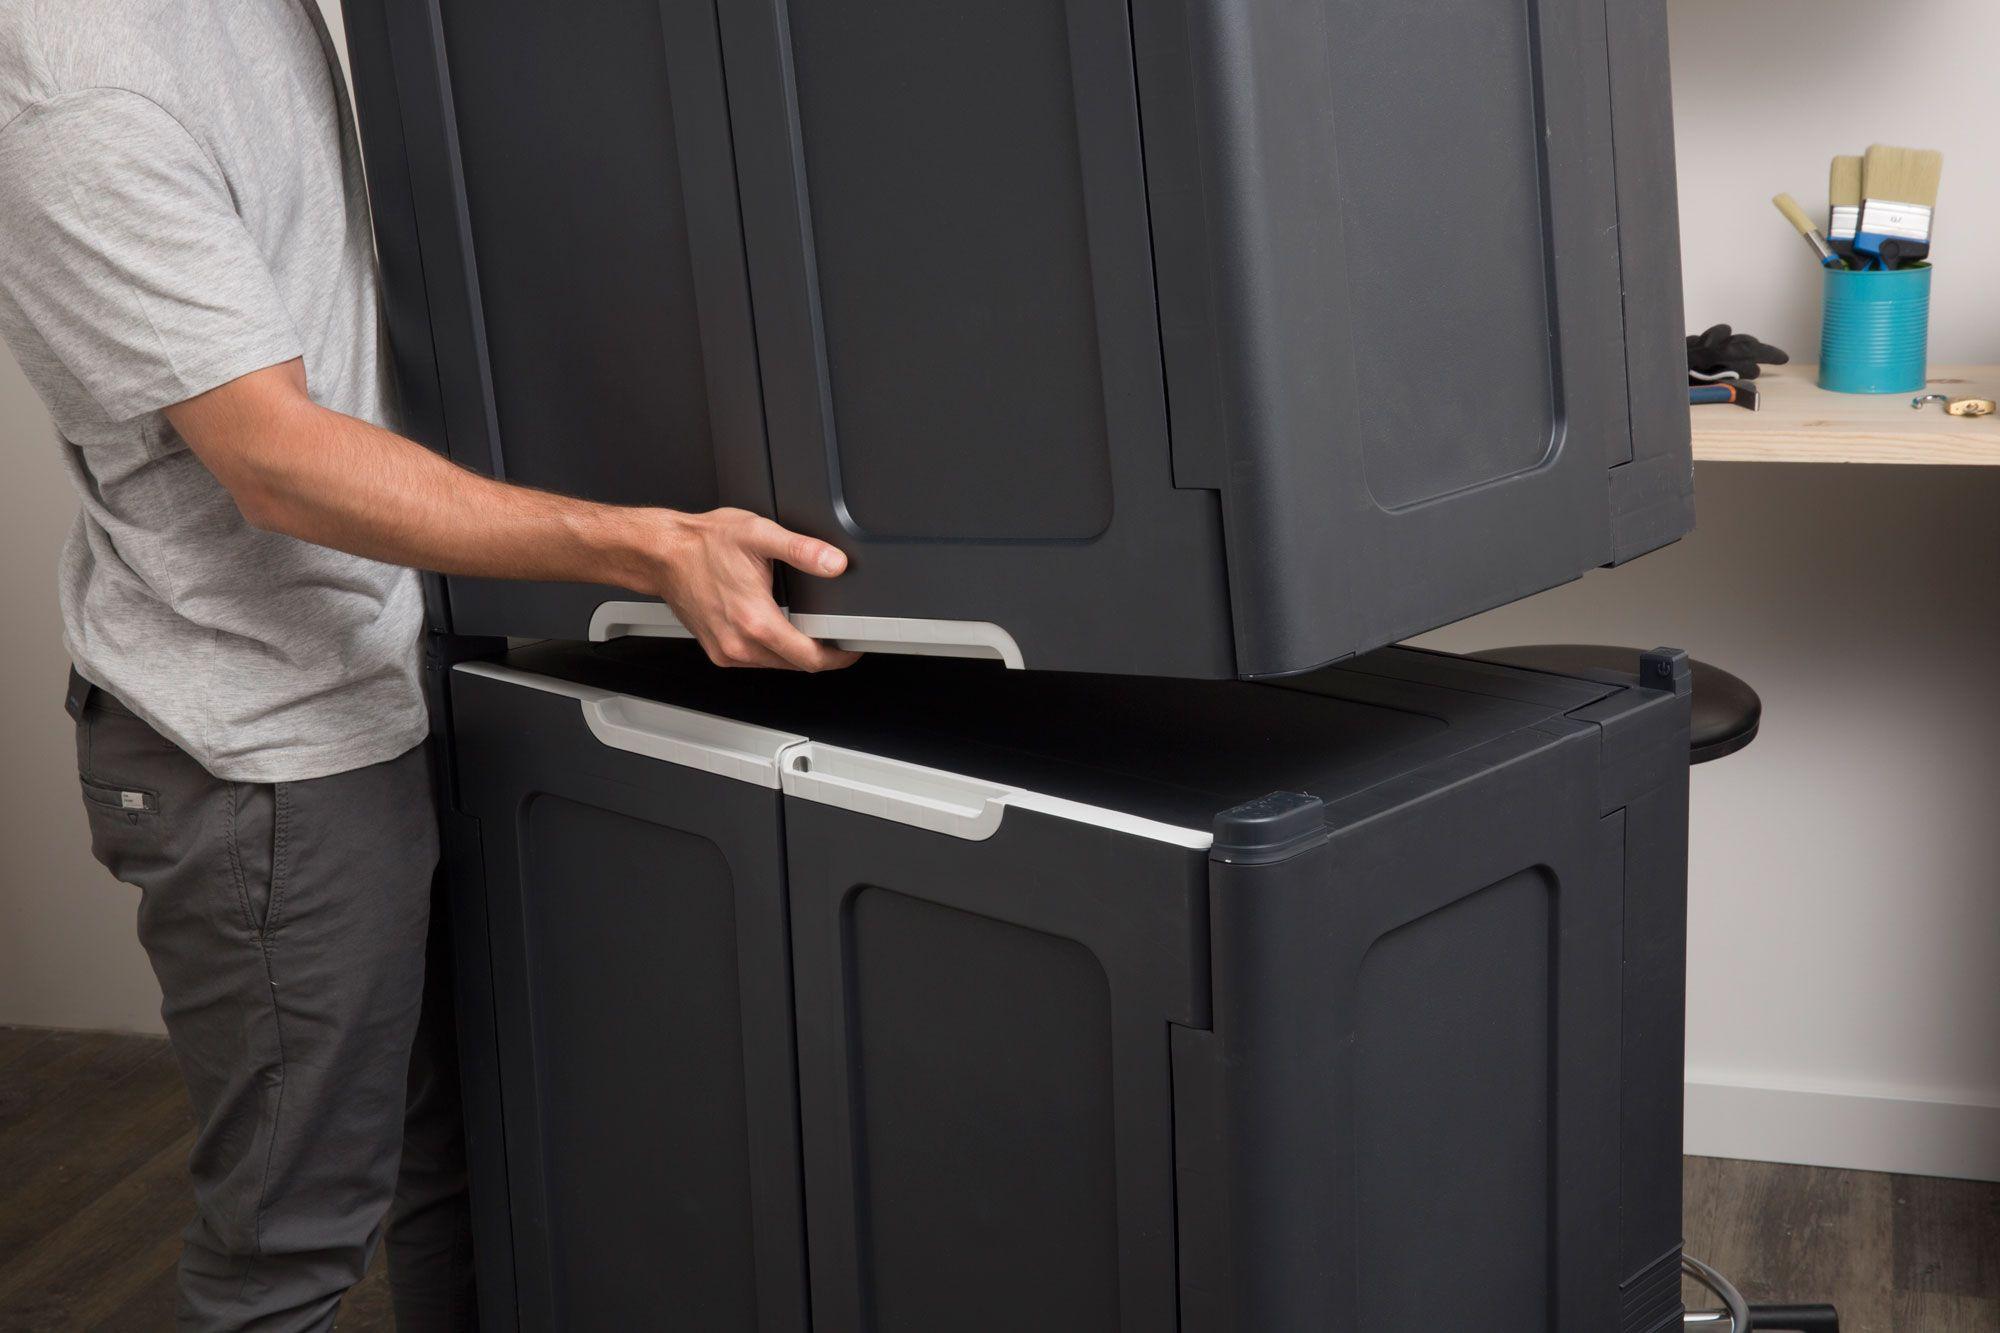 Organiza tu taller o trastero con los armarios MAGIX. ¡Se montan en 1 minuto!